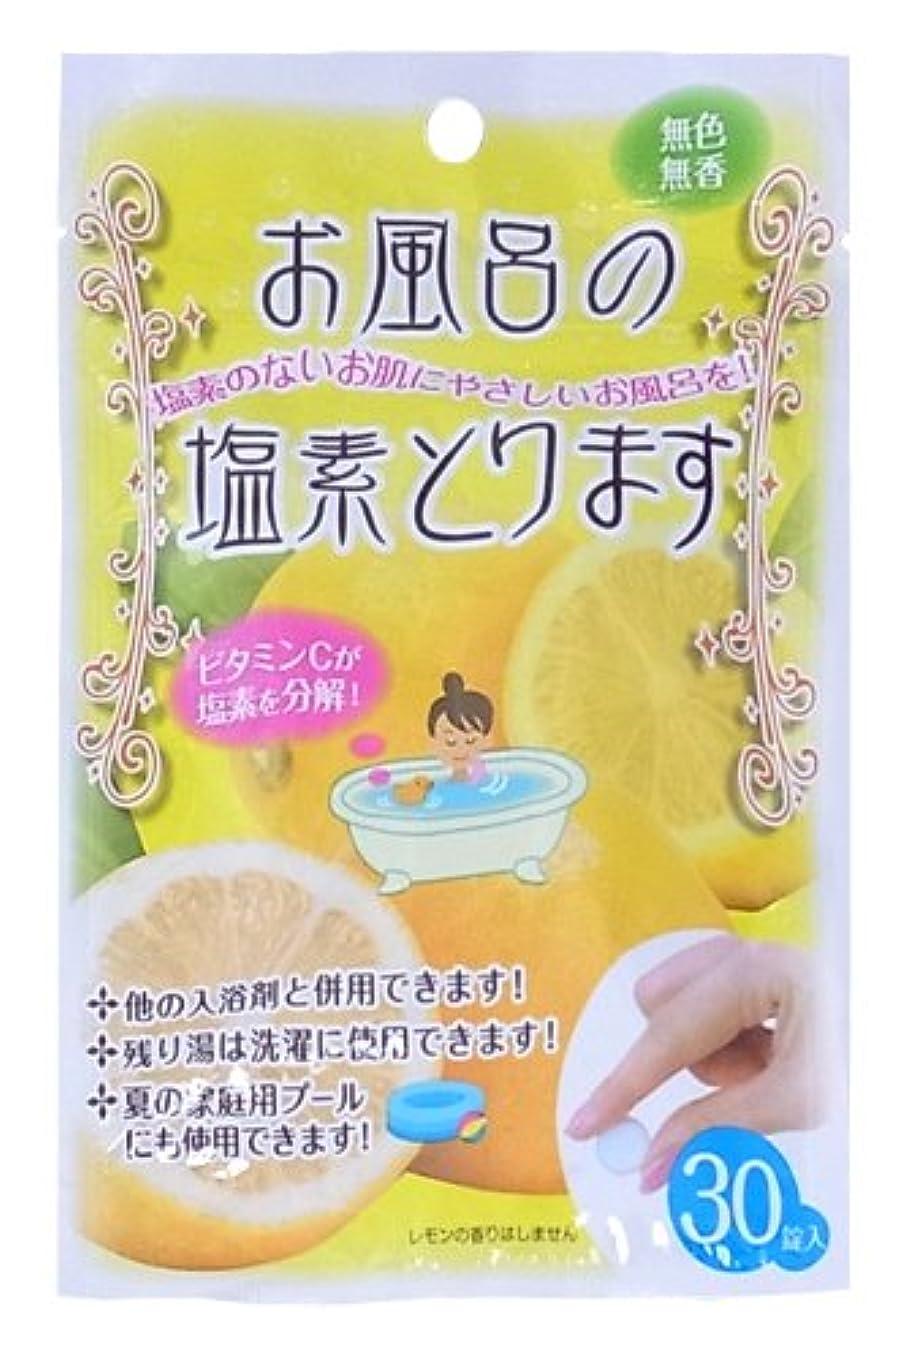 すきアーサーコナンドイルトリップお風呂の塩素とります 30錠